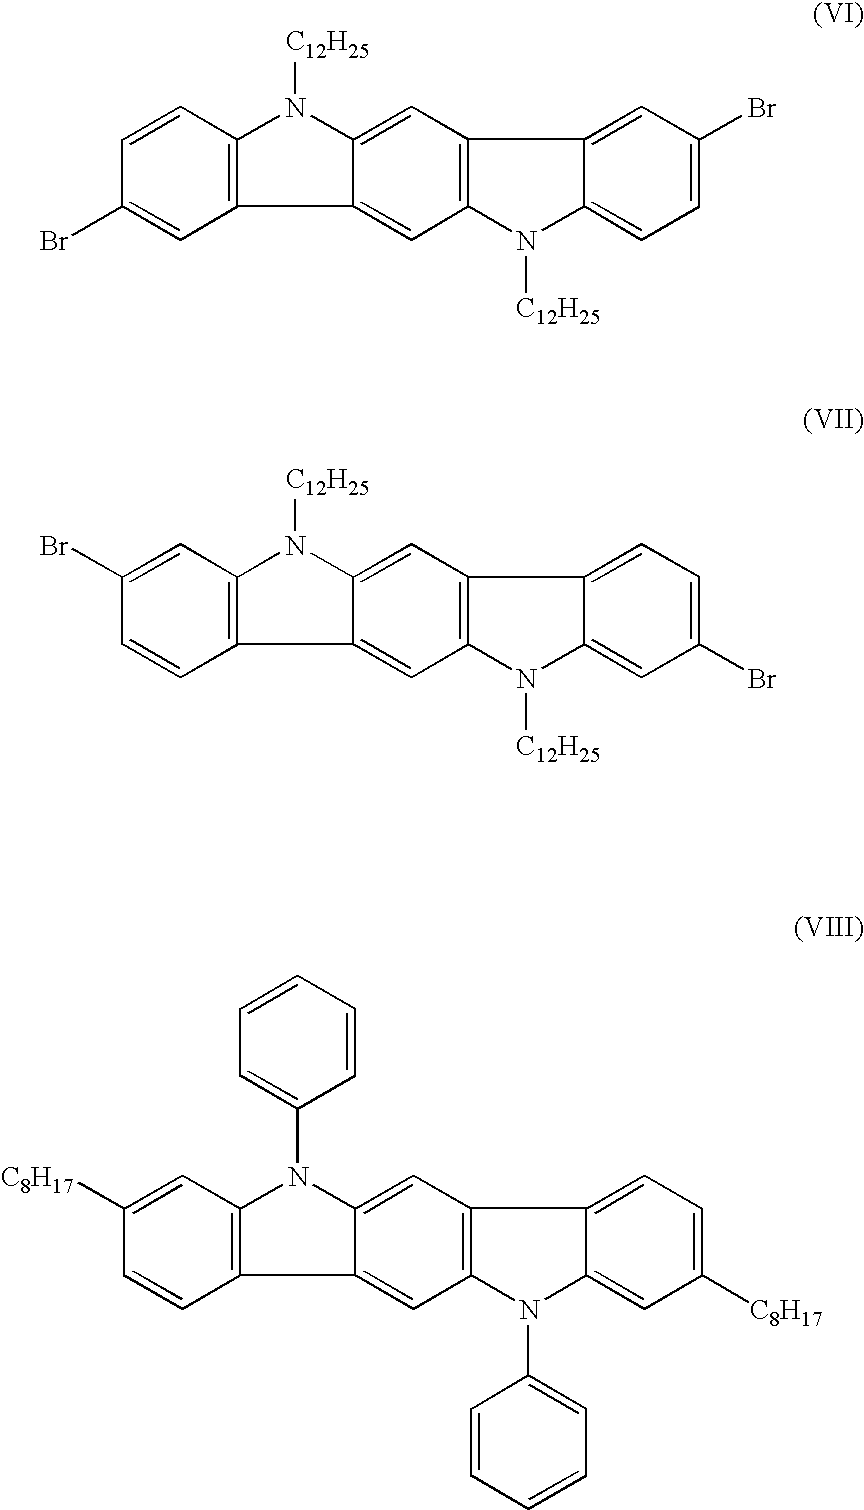 Figure US07173140-20070206-C00011